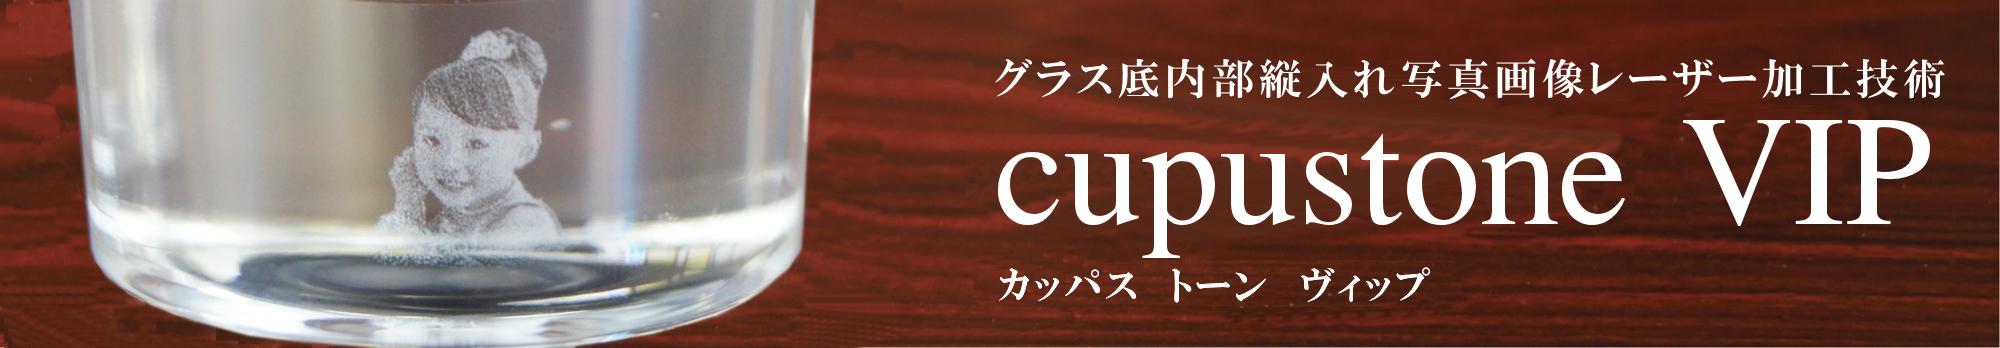 cupustone VIP(カッパストーン ヴィップ)